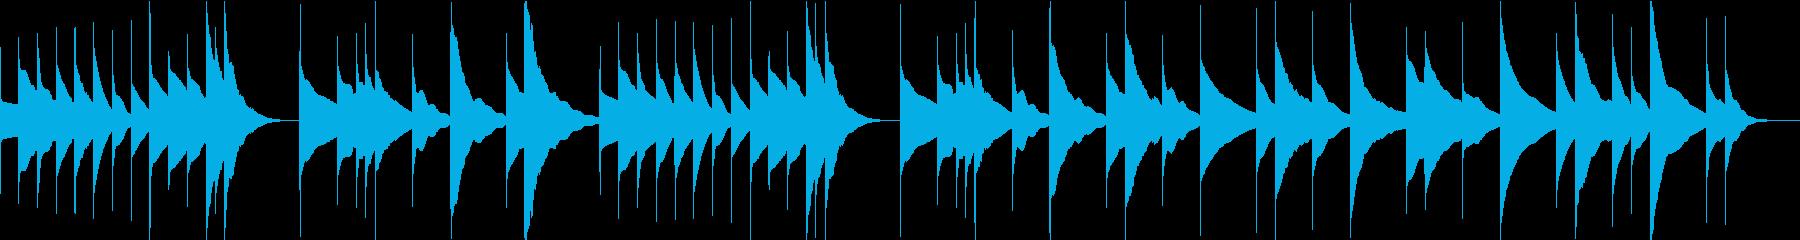 オルゴール/睡眠/癒し/プロフィールの再生済みの波形